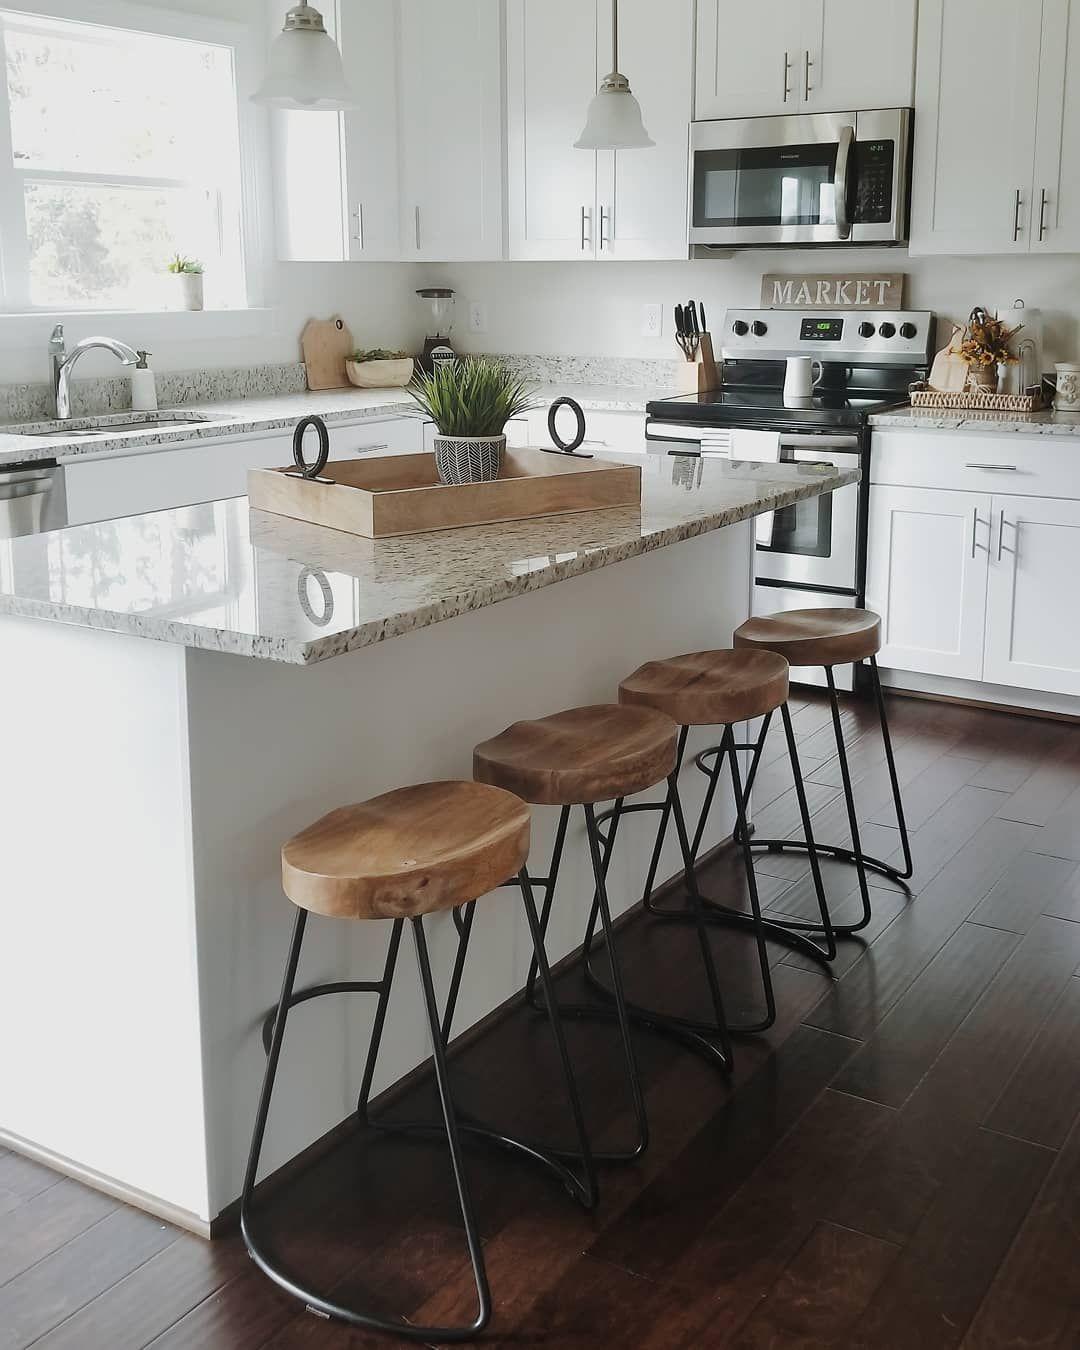 White kitchen cabinets. Granite countertops. Farmhouse kitchen ...